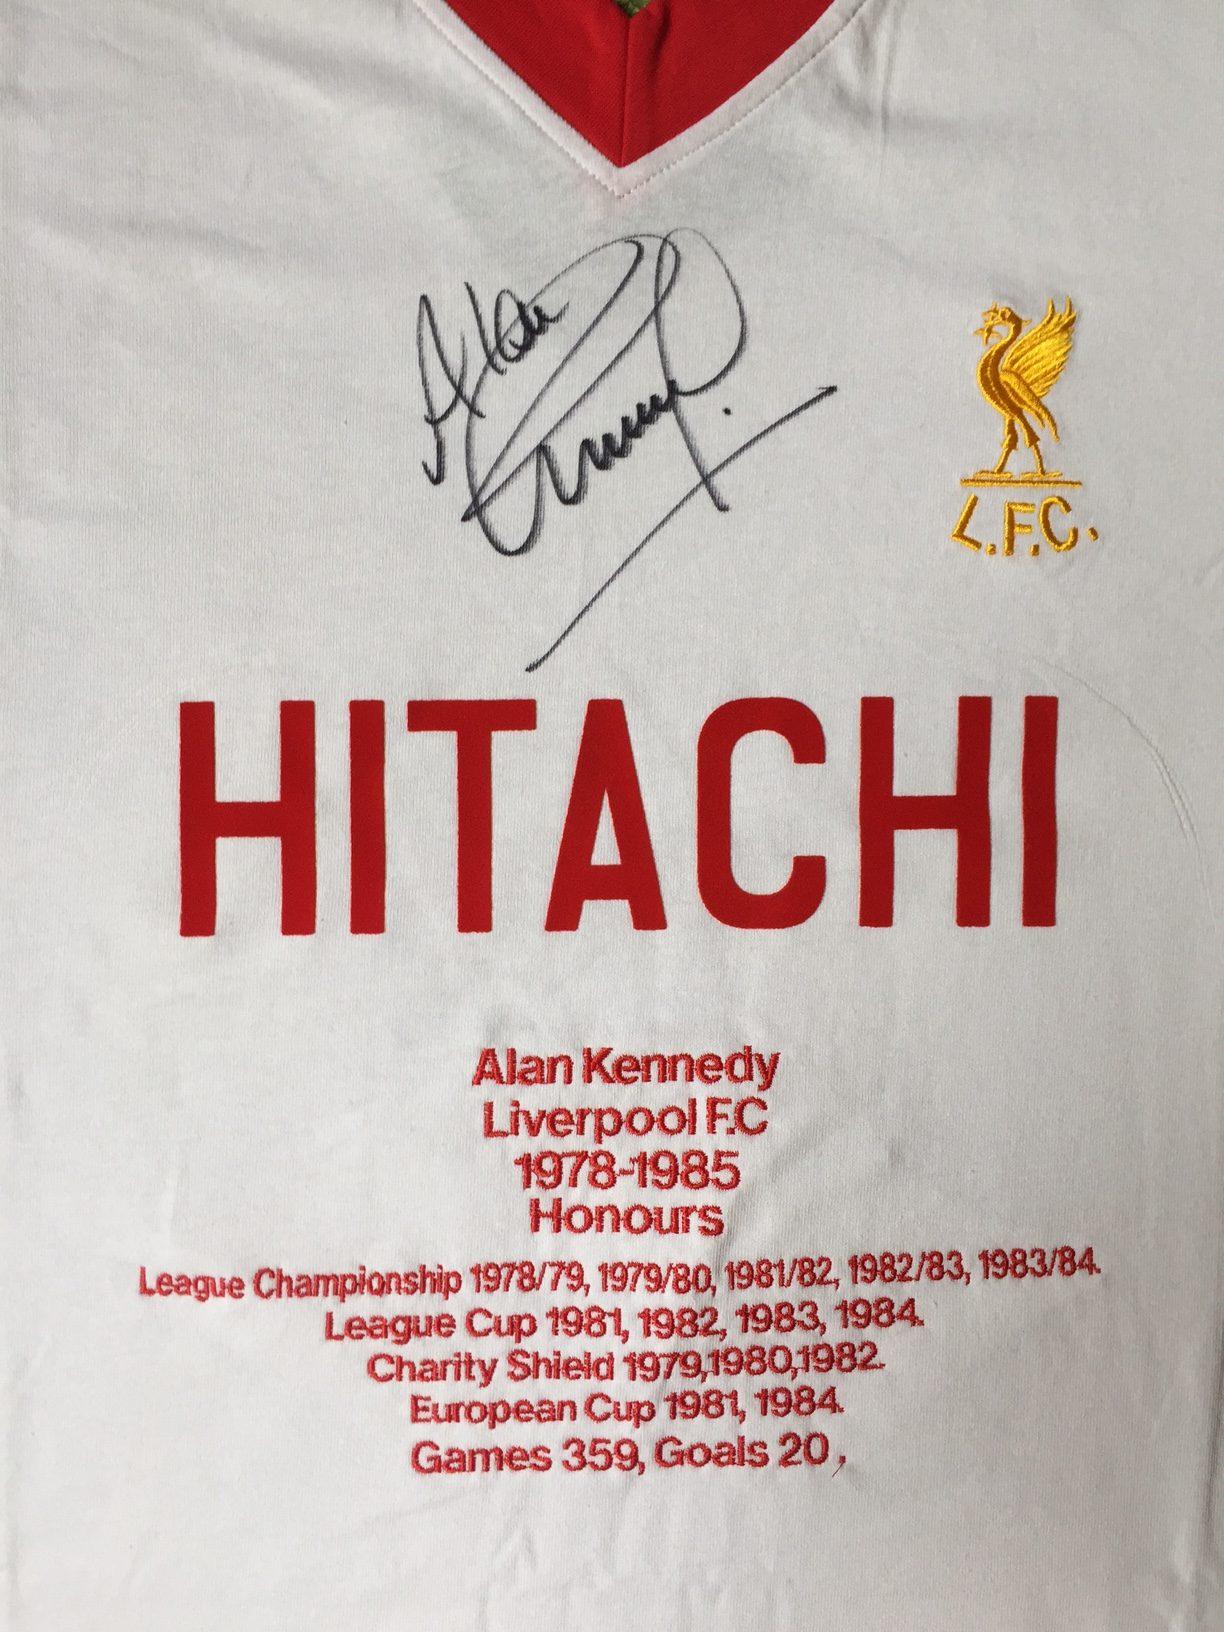 19c82af424b Jamie Carragher 23 Foundation » Alan Kennedy Signed Honours Shirt